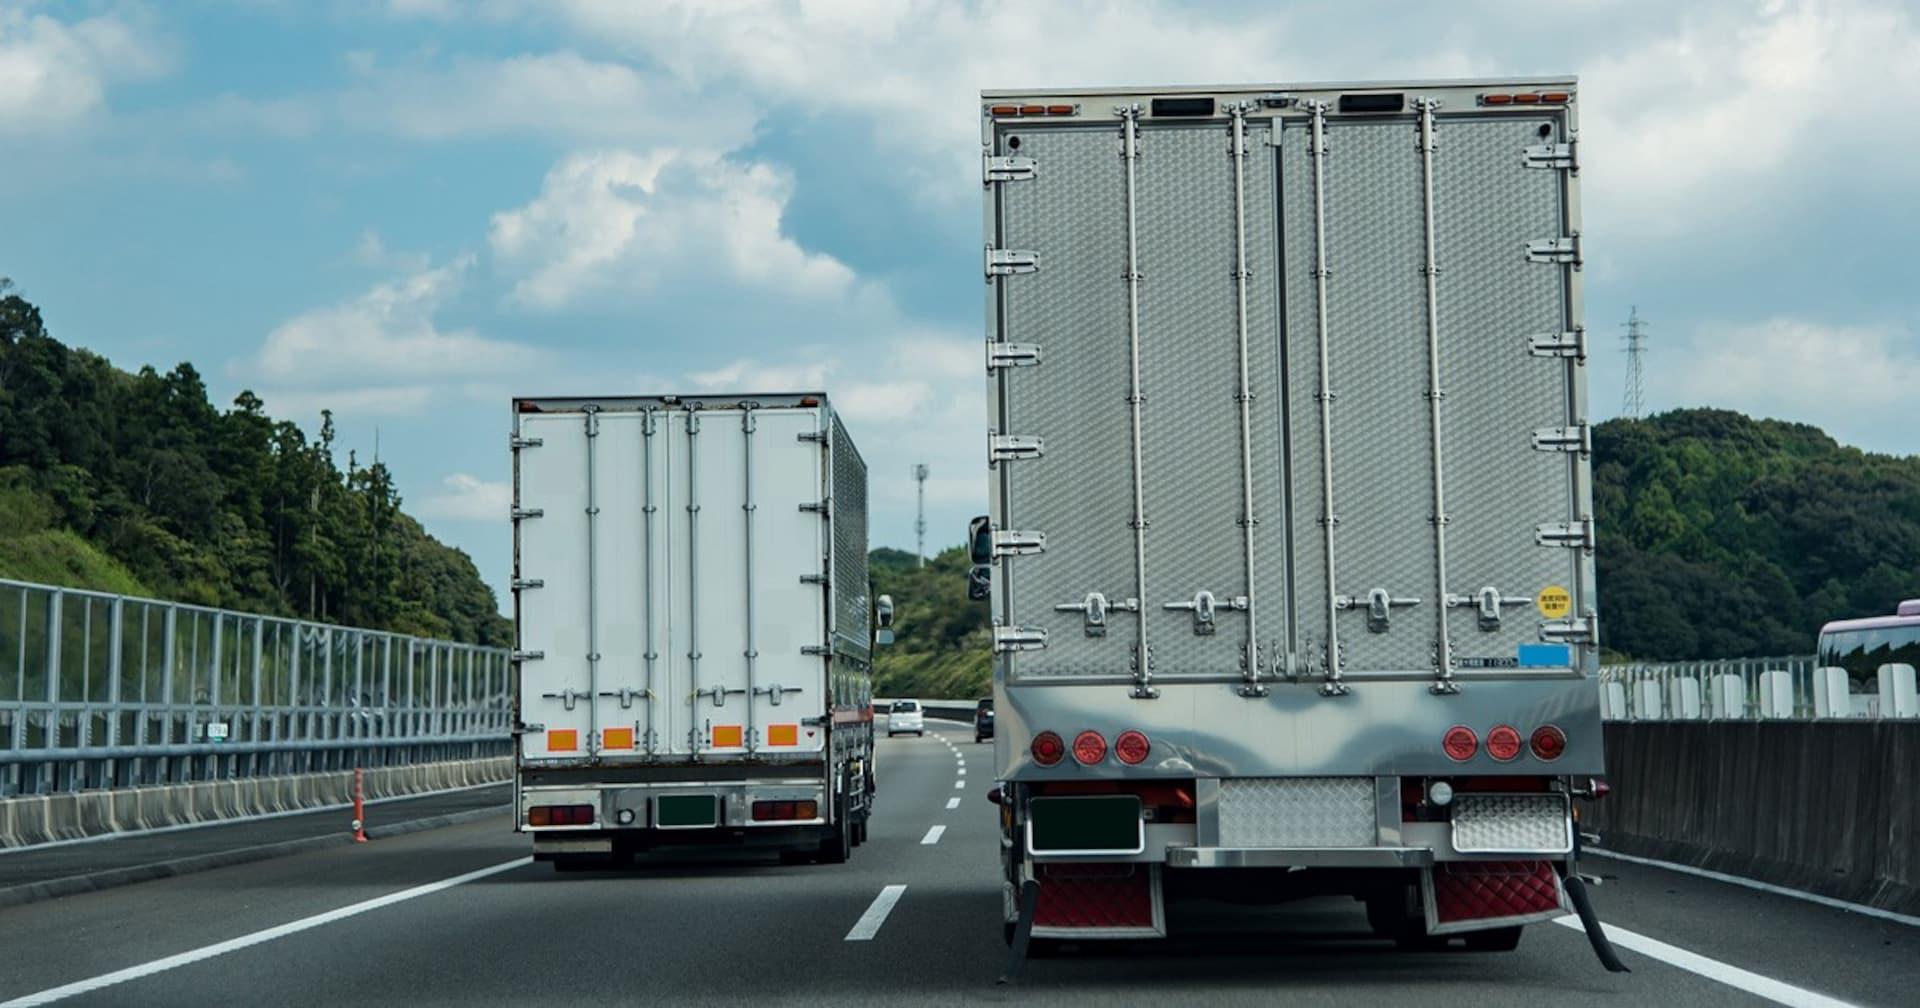 追越し車線をノロノロ走る車を左側から追越したらダメ? 「右ウィンカー」は効果ある?